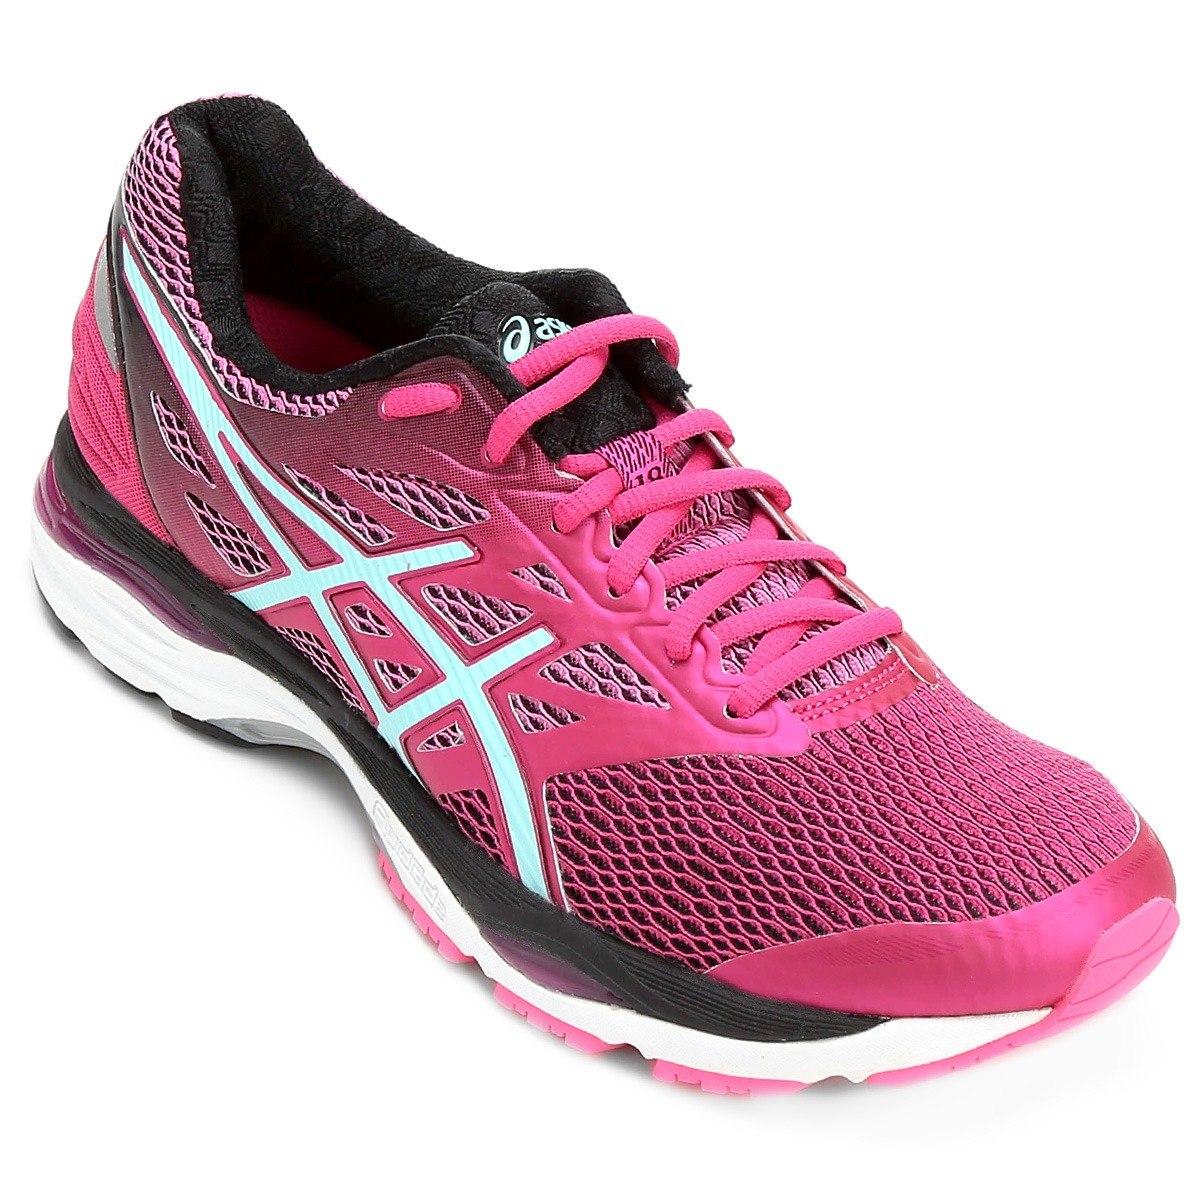 d642827d33 tênis asics gel cumulus 18 feminino rosa corrida original+nf. Carregando  zoom.